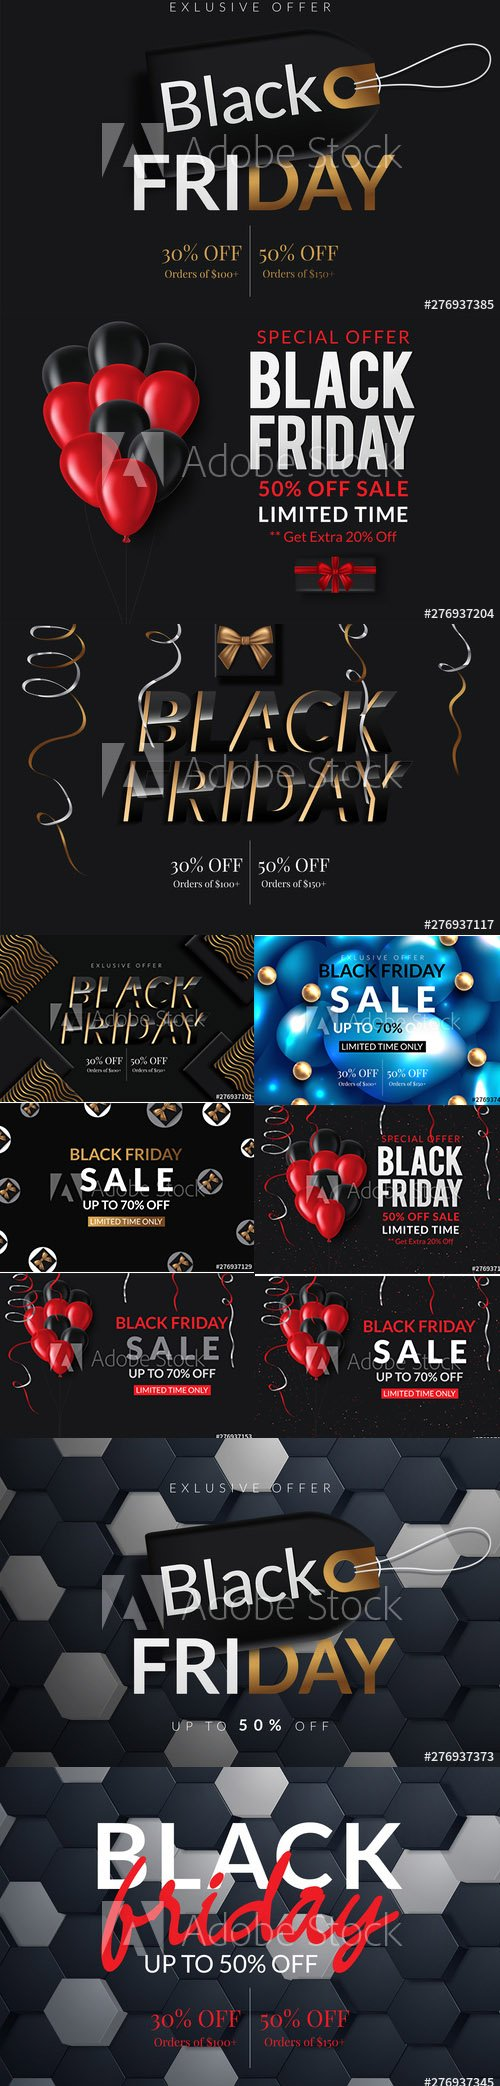 Black Friday Sale Poster Banner Illustration vol2